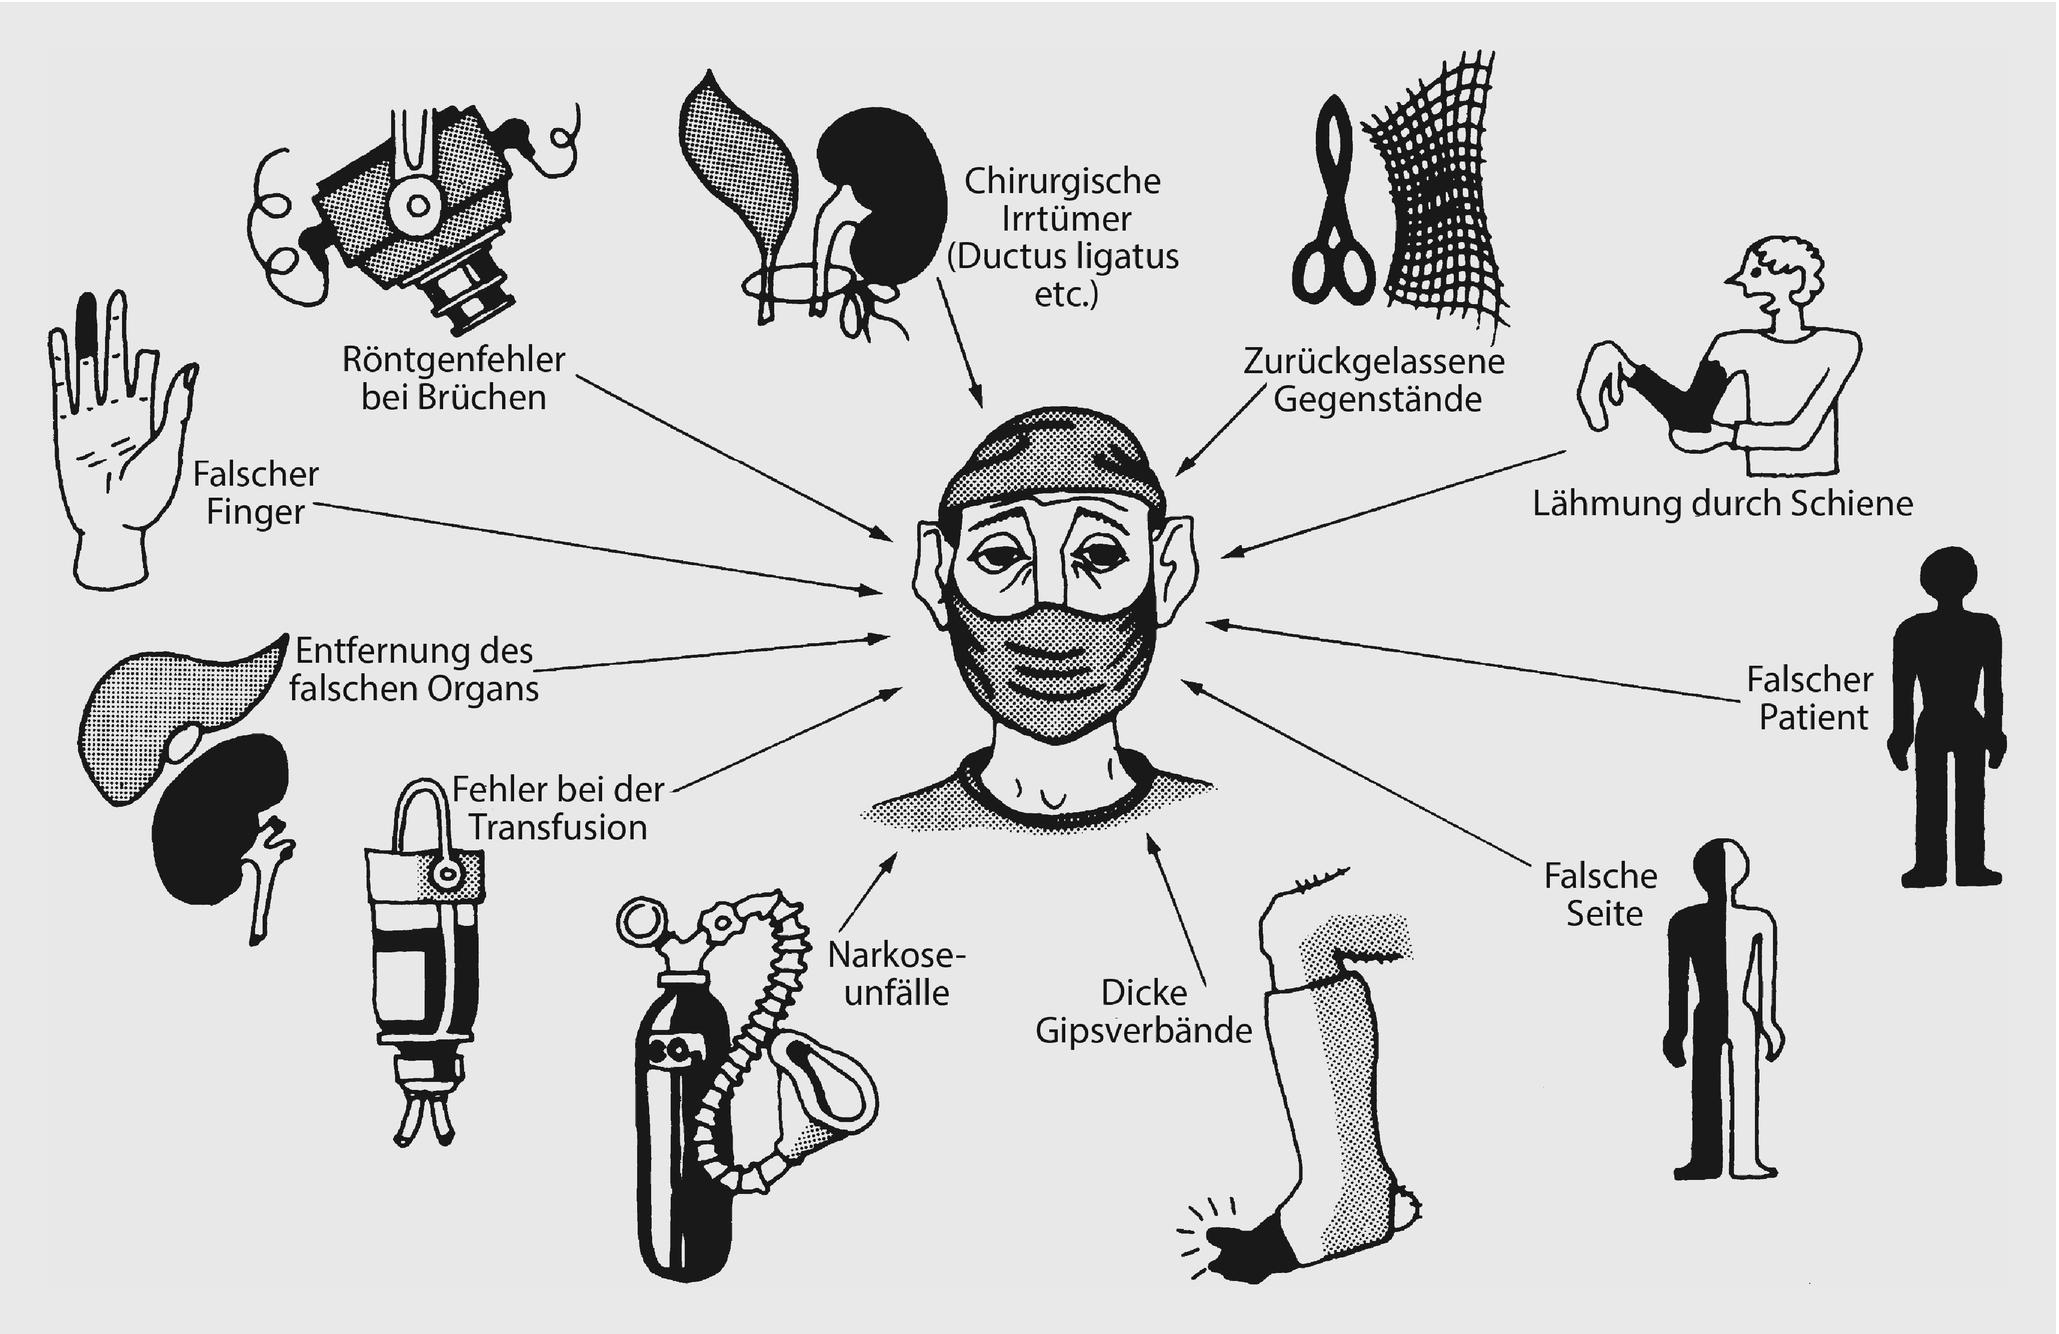 Praktische Durchfuhrung Der Arztlichen Leichenschau